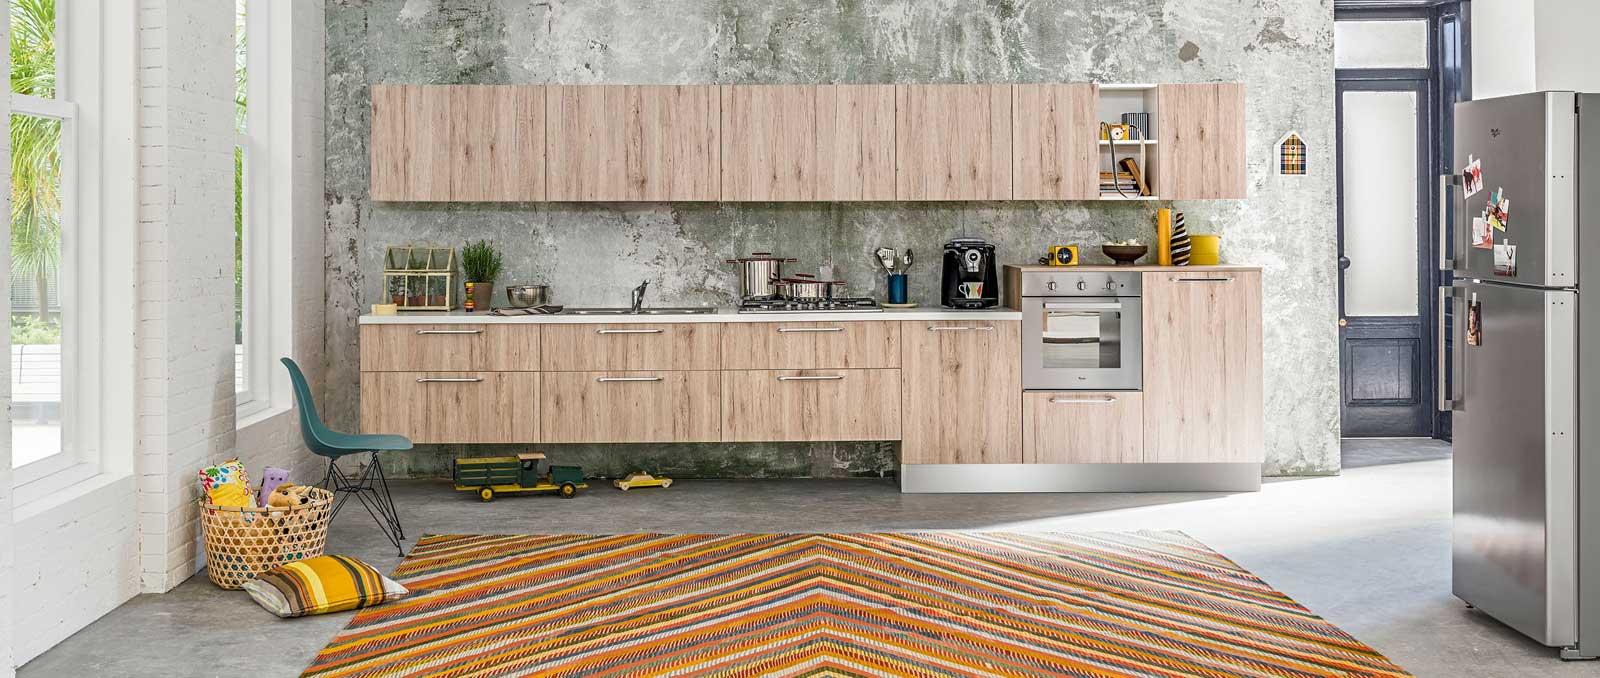 Cuisine équipée en linéaire, traditionnelle tout en étant très moderne avec ses meubles suspendus, ses demi-colonnes et poignées longues. Façades effet chêne Bronze.